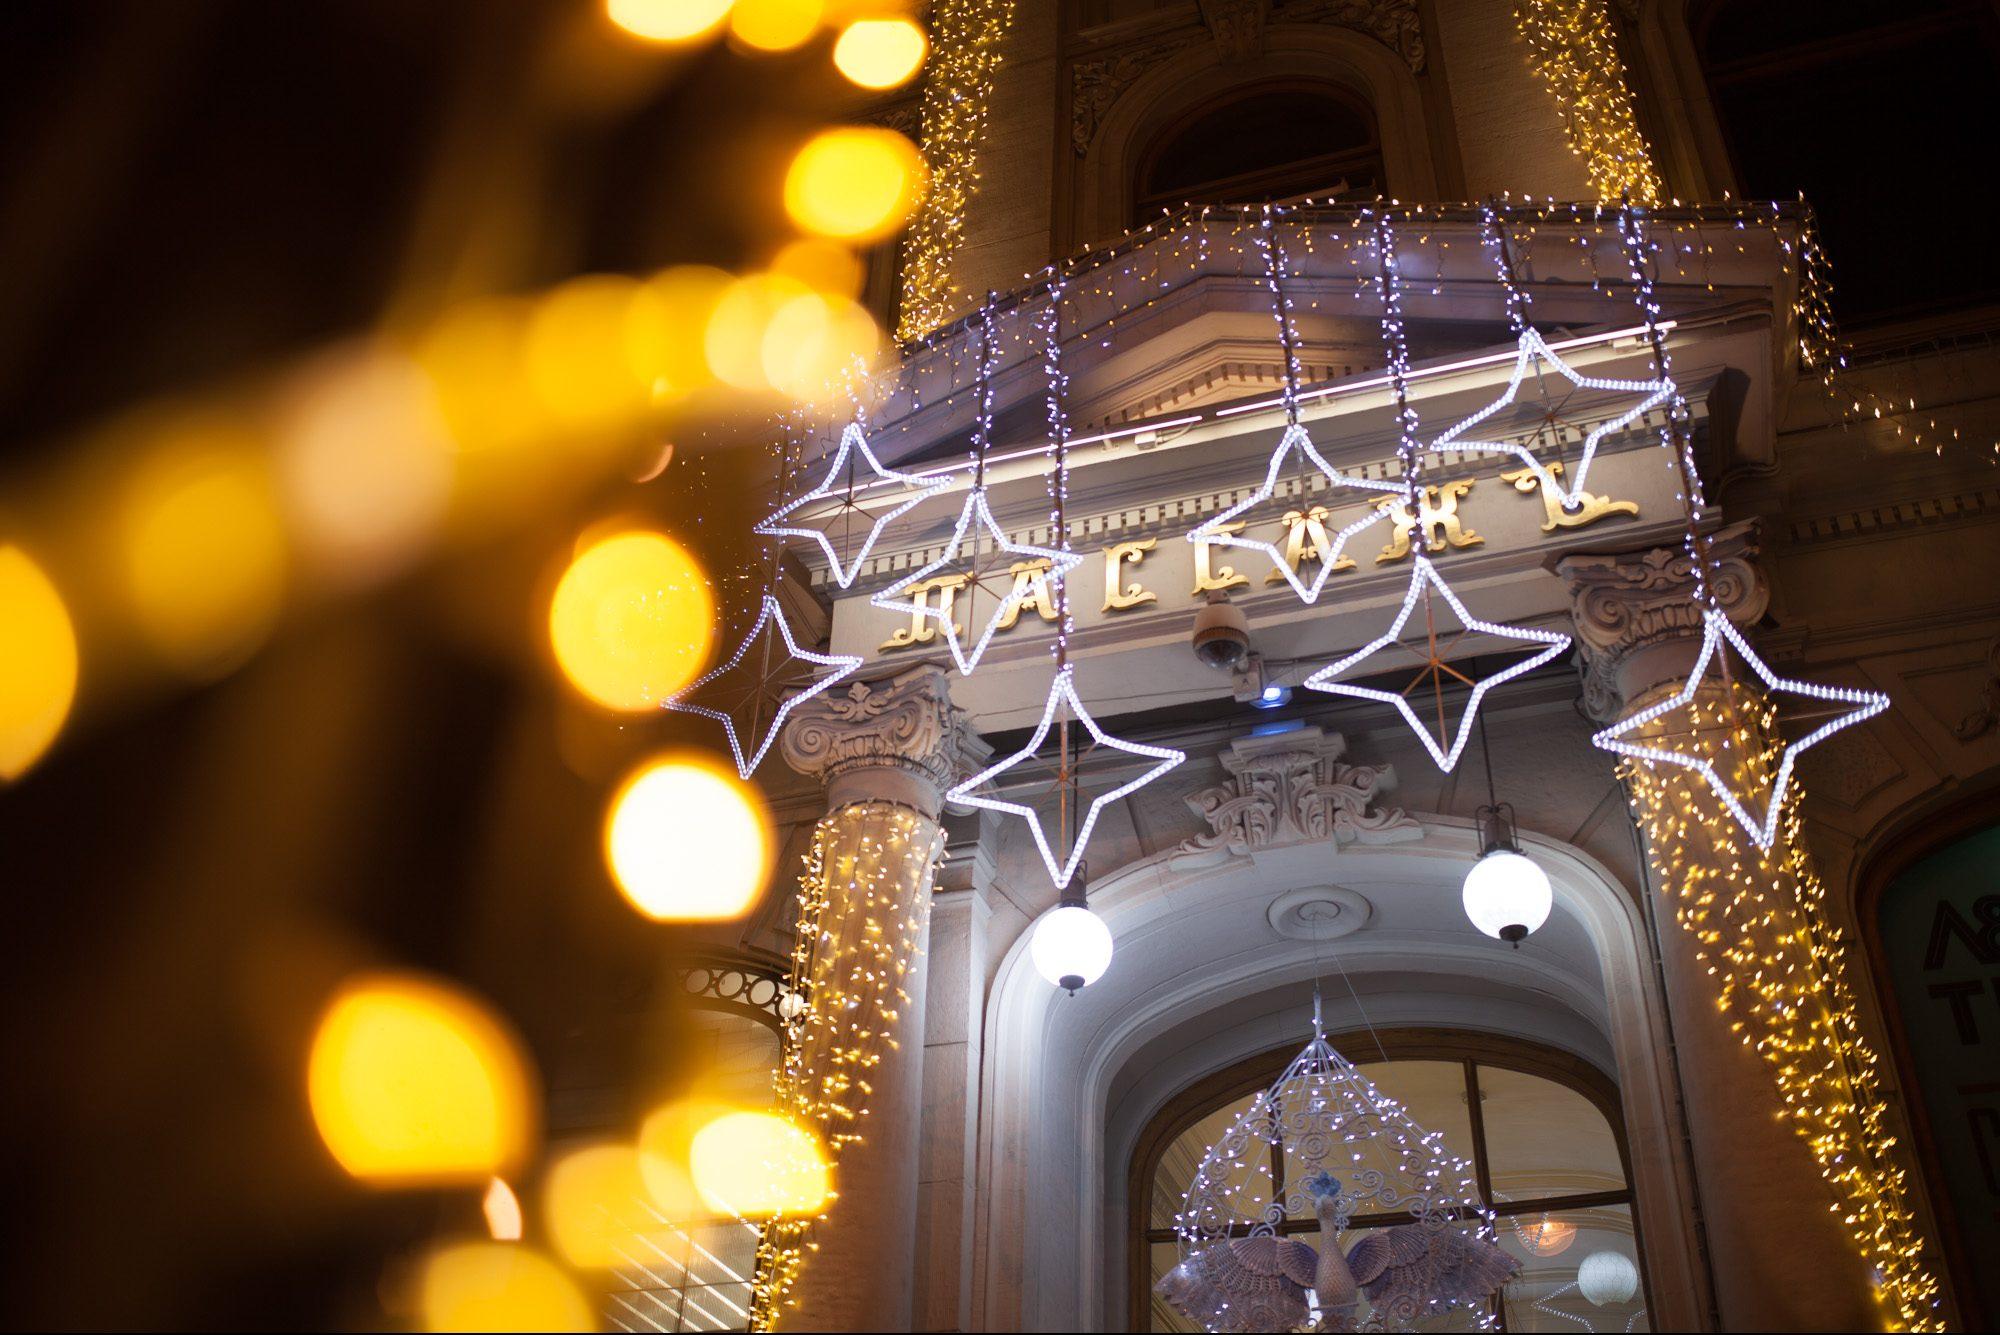 невский проспект подсветка праздник новый год рождество пассаж новогодние украшения